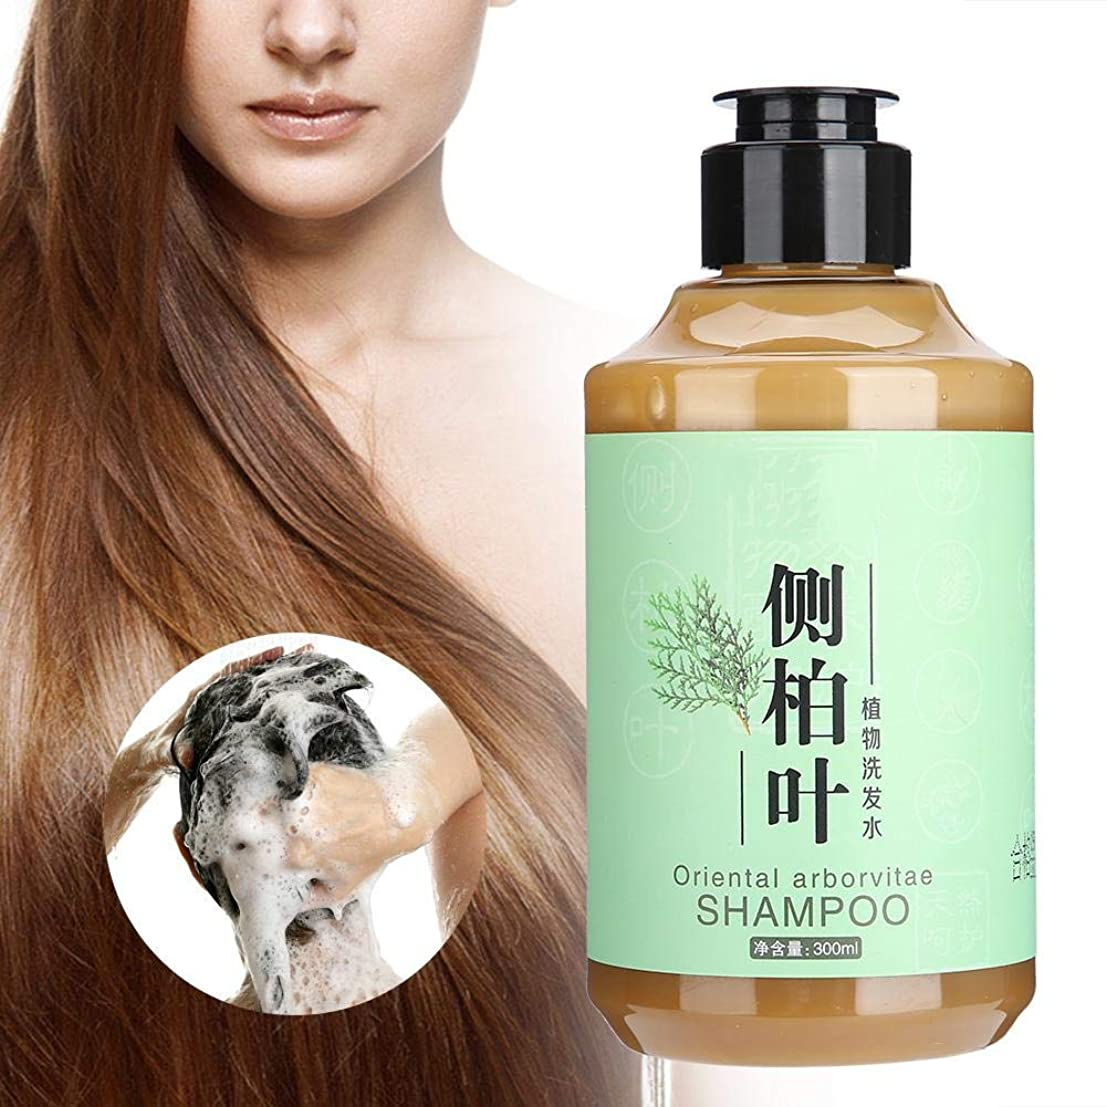 胴体ギャラントリーアルバニーシャンプー、髪の毛の栄養補給、髪の毛の根元の栄養補給、すべての髪のタイプの男性と女性のための抜け毛の栄養補給用シャンプー